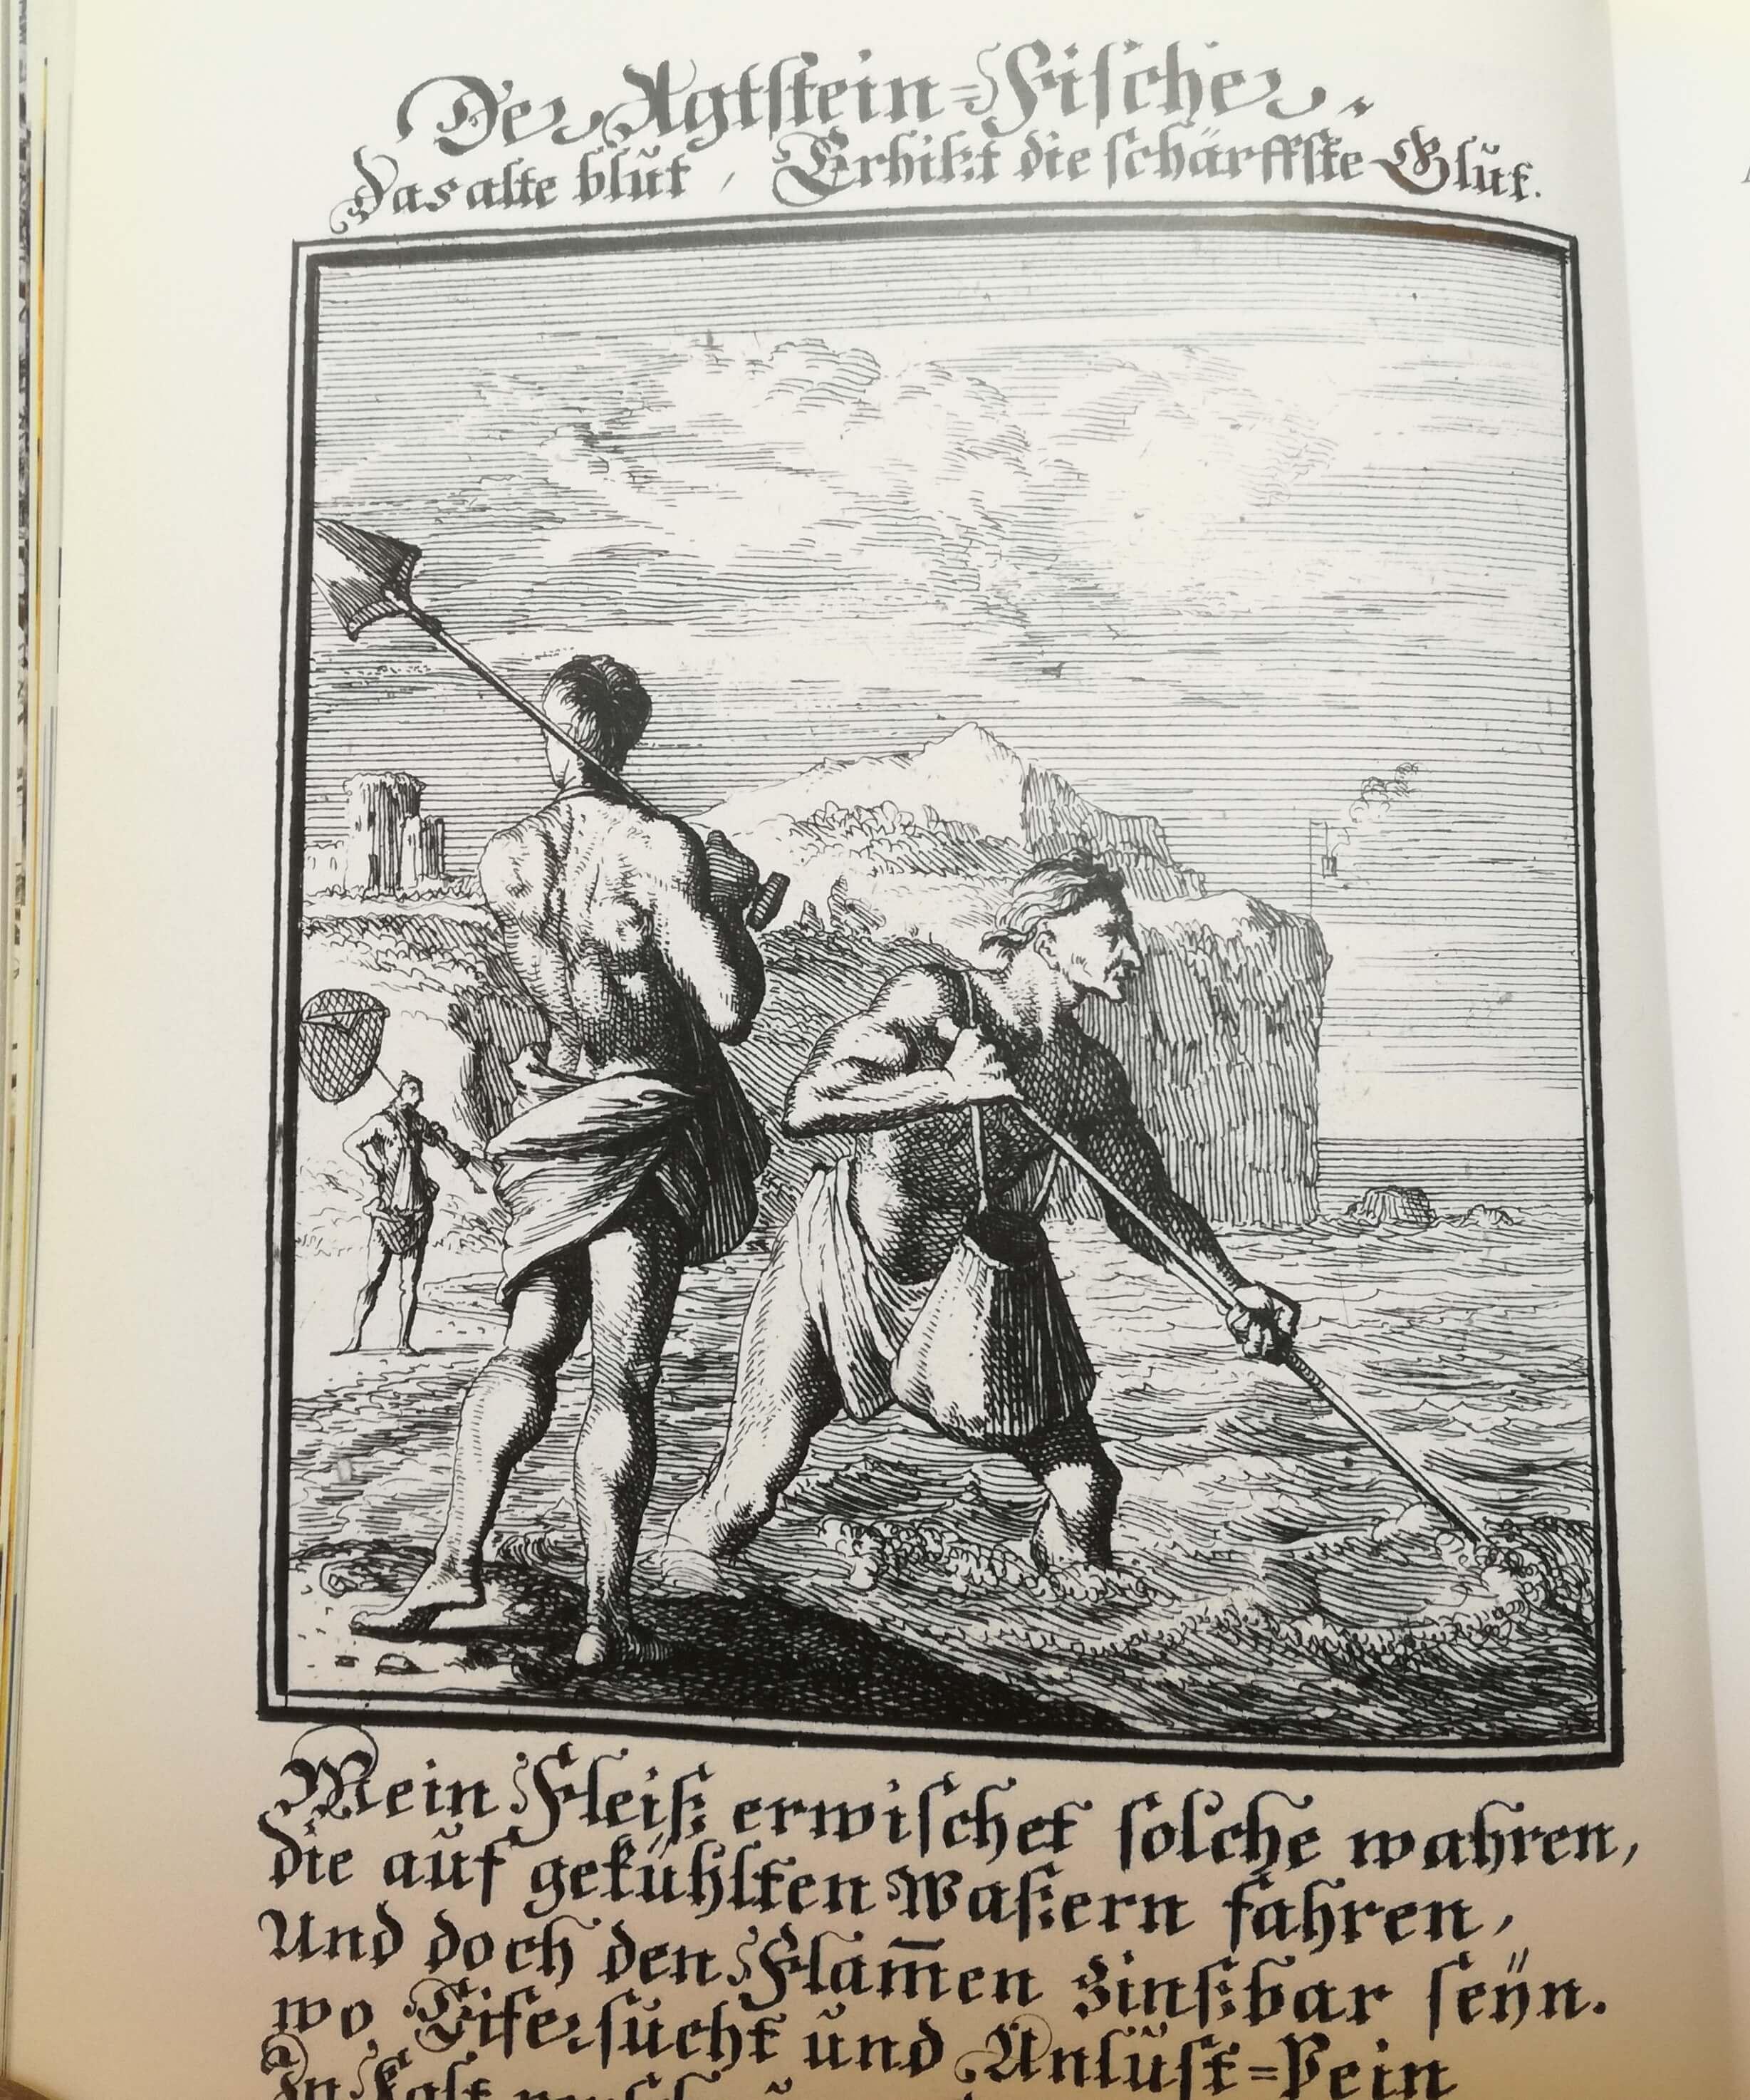 pescatore di ambra nell'antichità